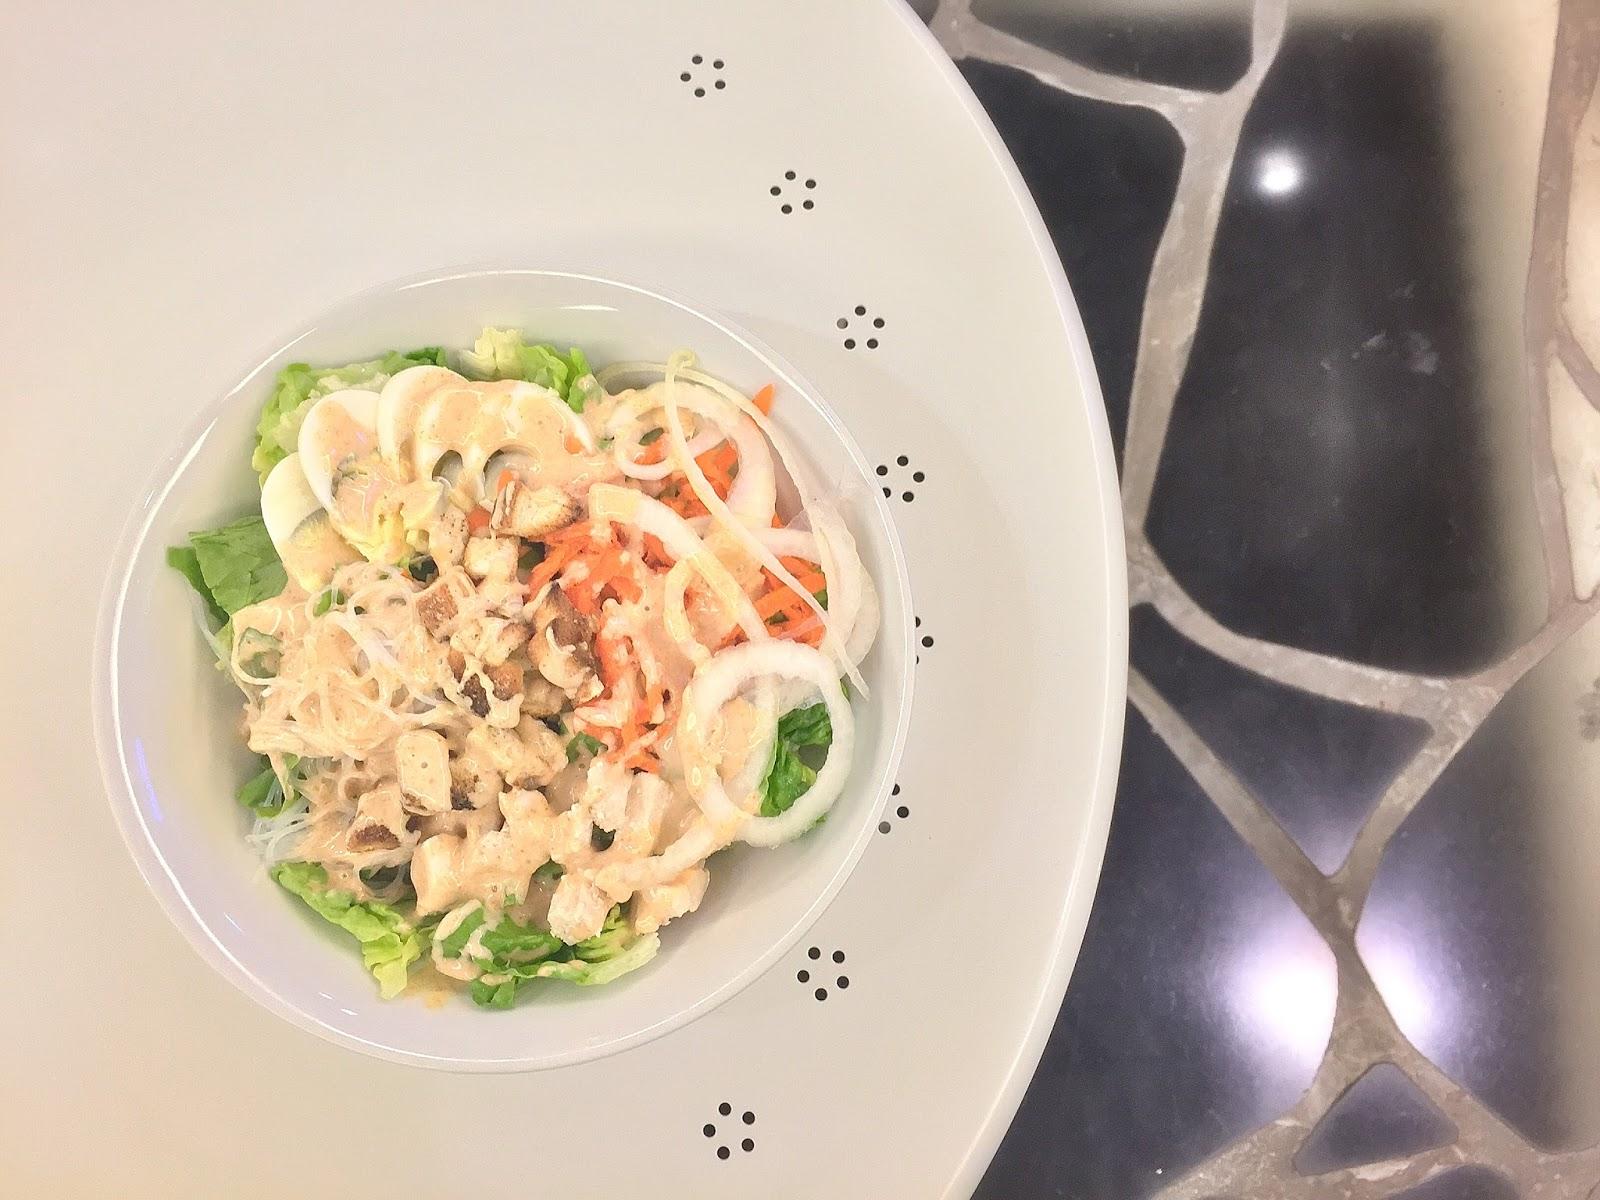 Green Rabbit Crepe & Salad Gastrobar - Mona Laksa